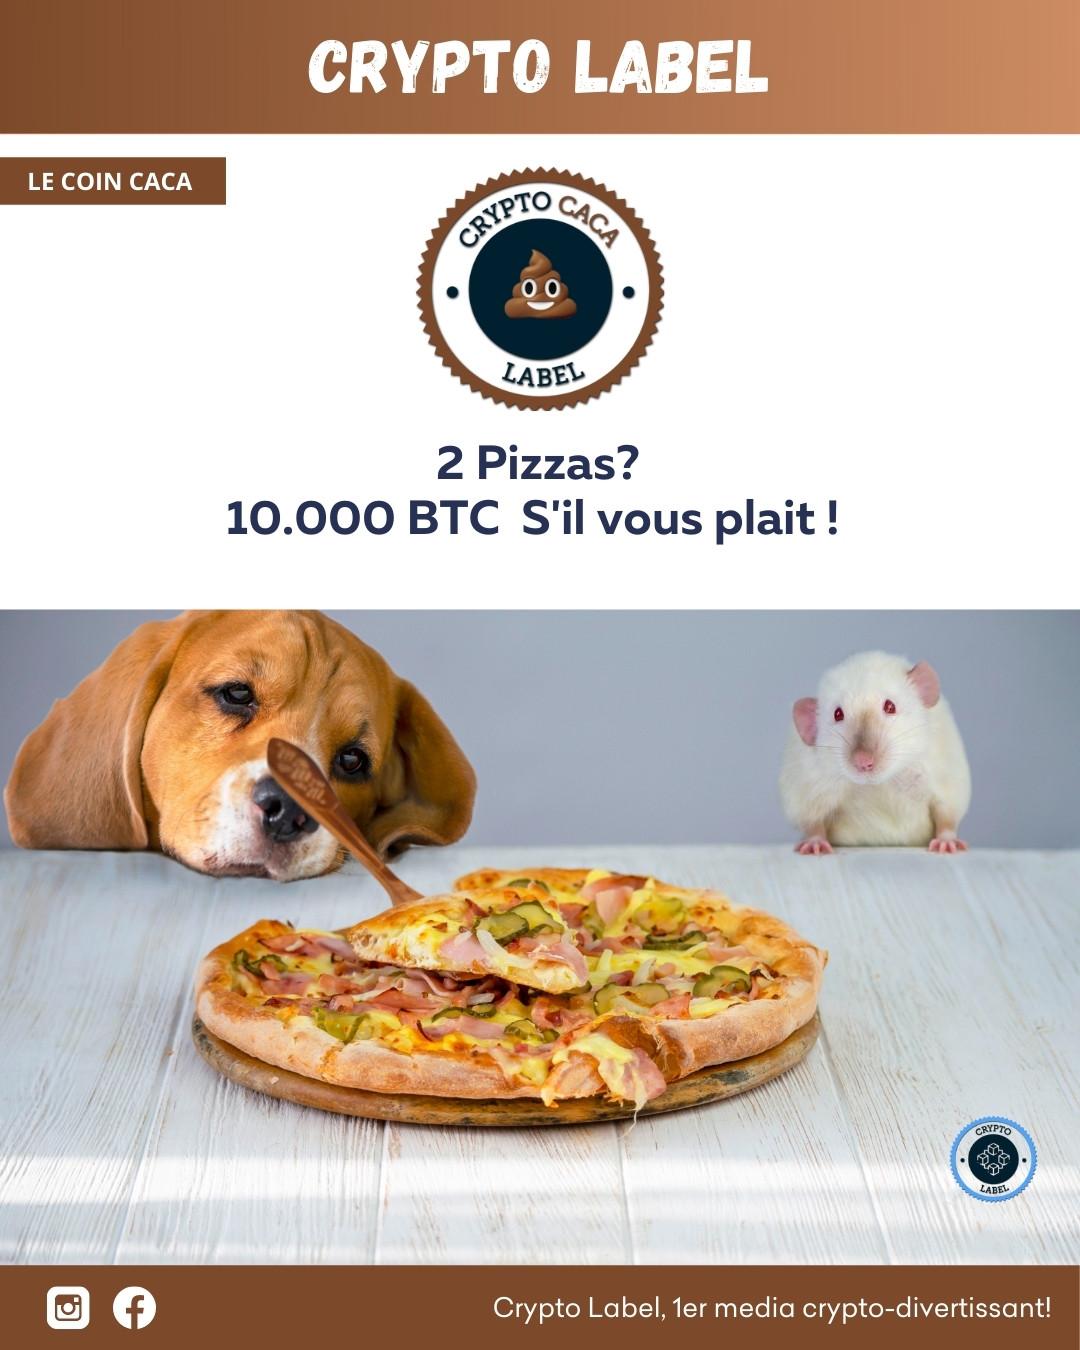 Le coin caca PIZZA -crypto-label